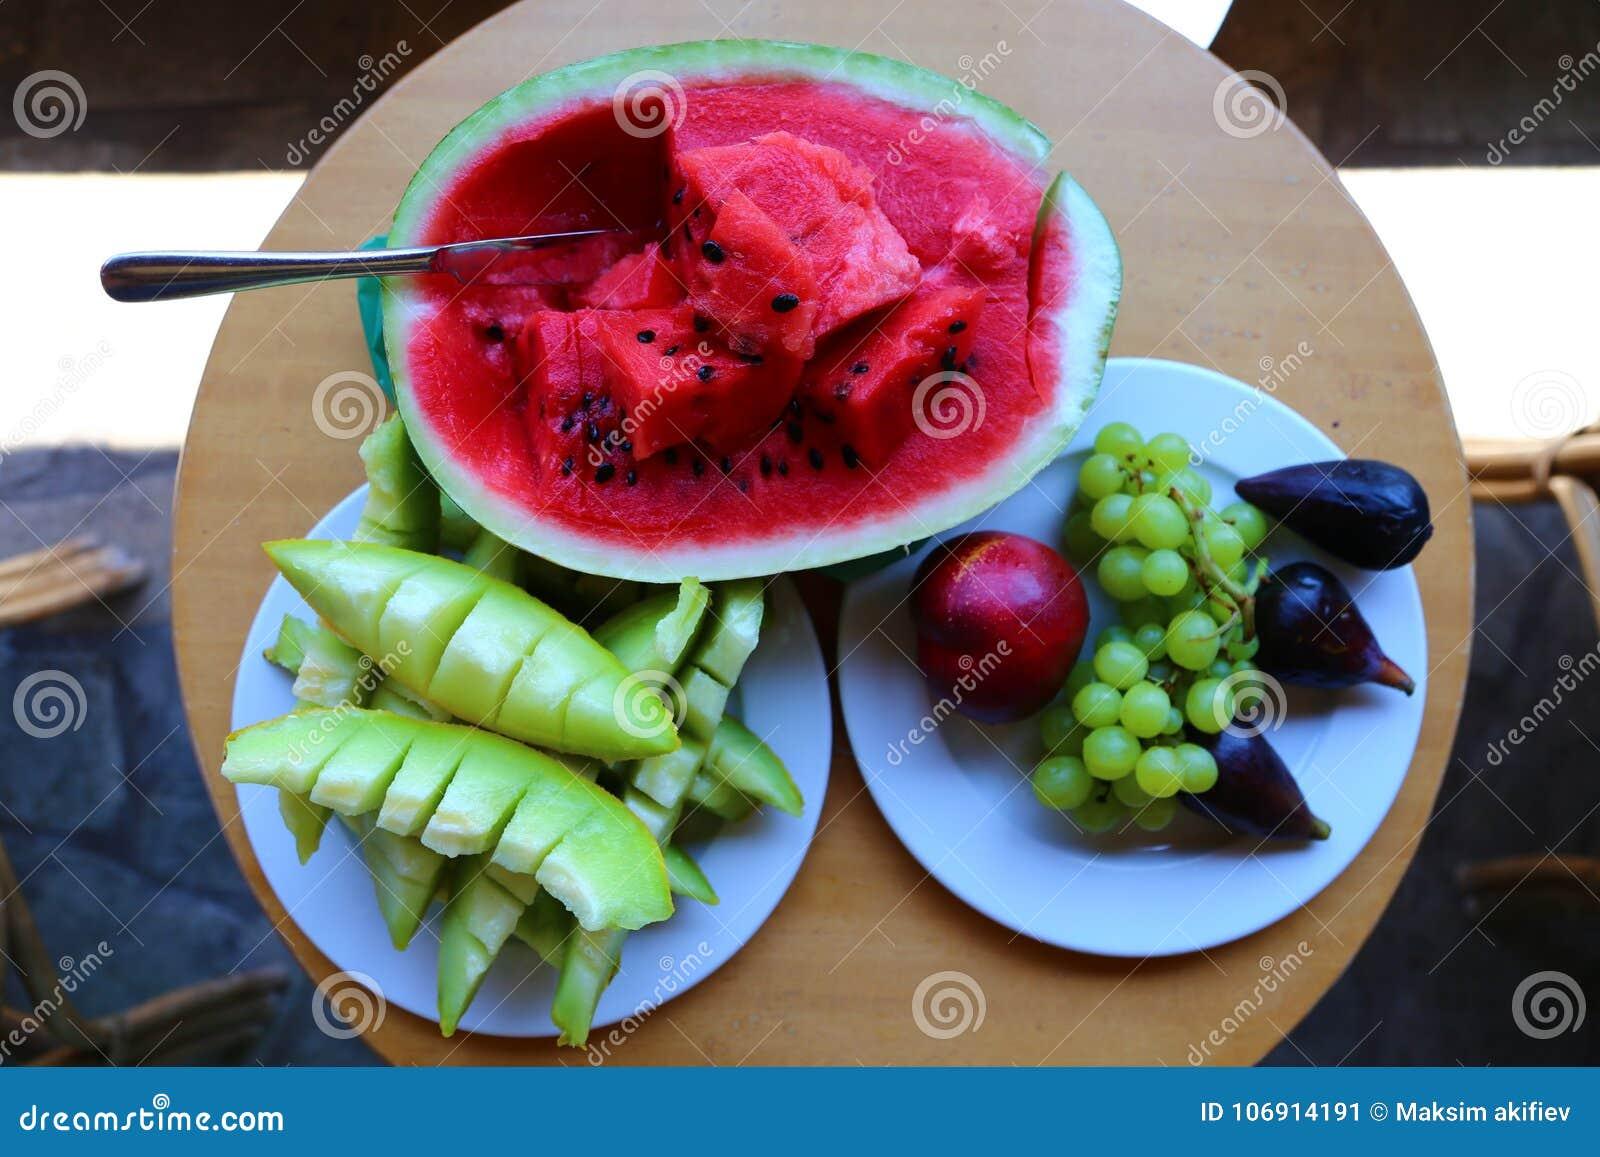 Arbuz, melon i winogrona na trzy talerzach na drewnianym stole,